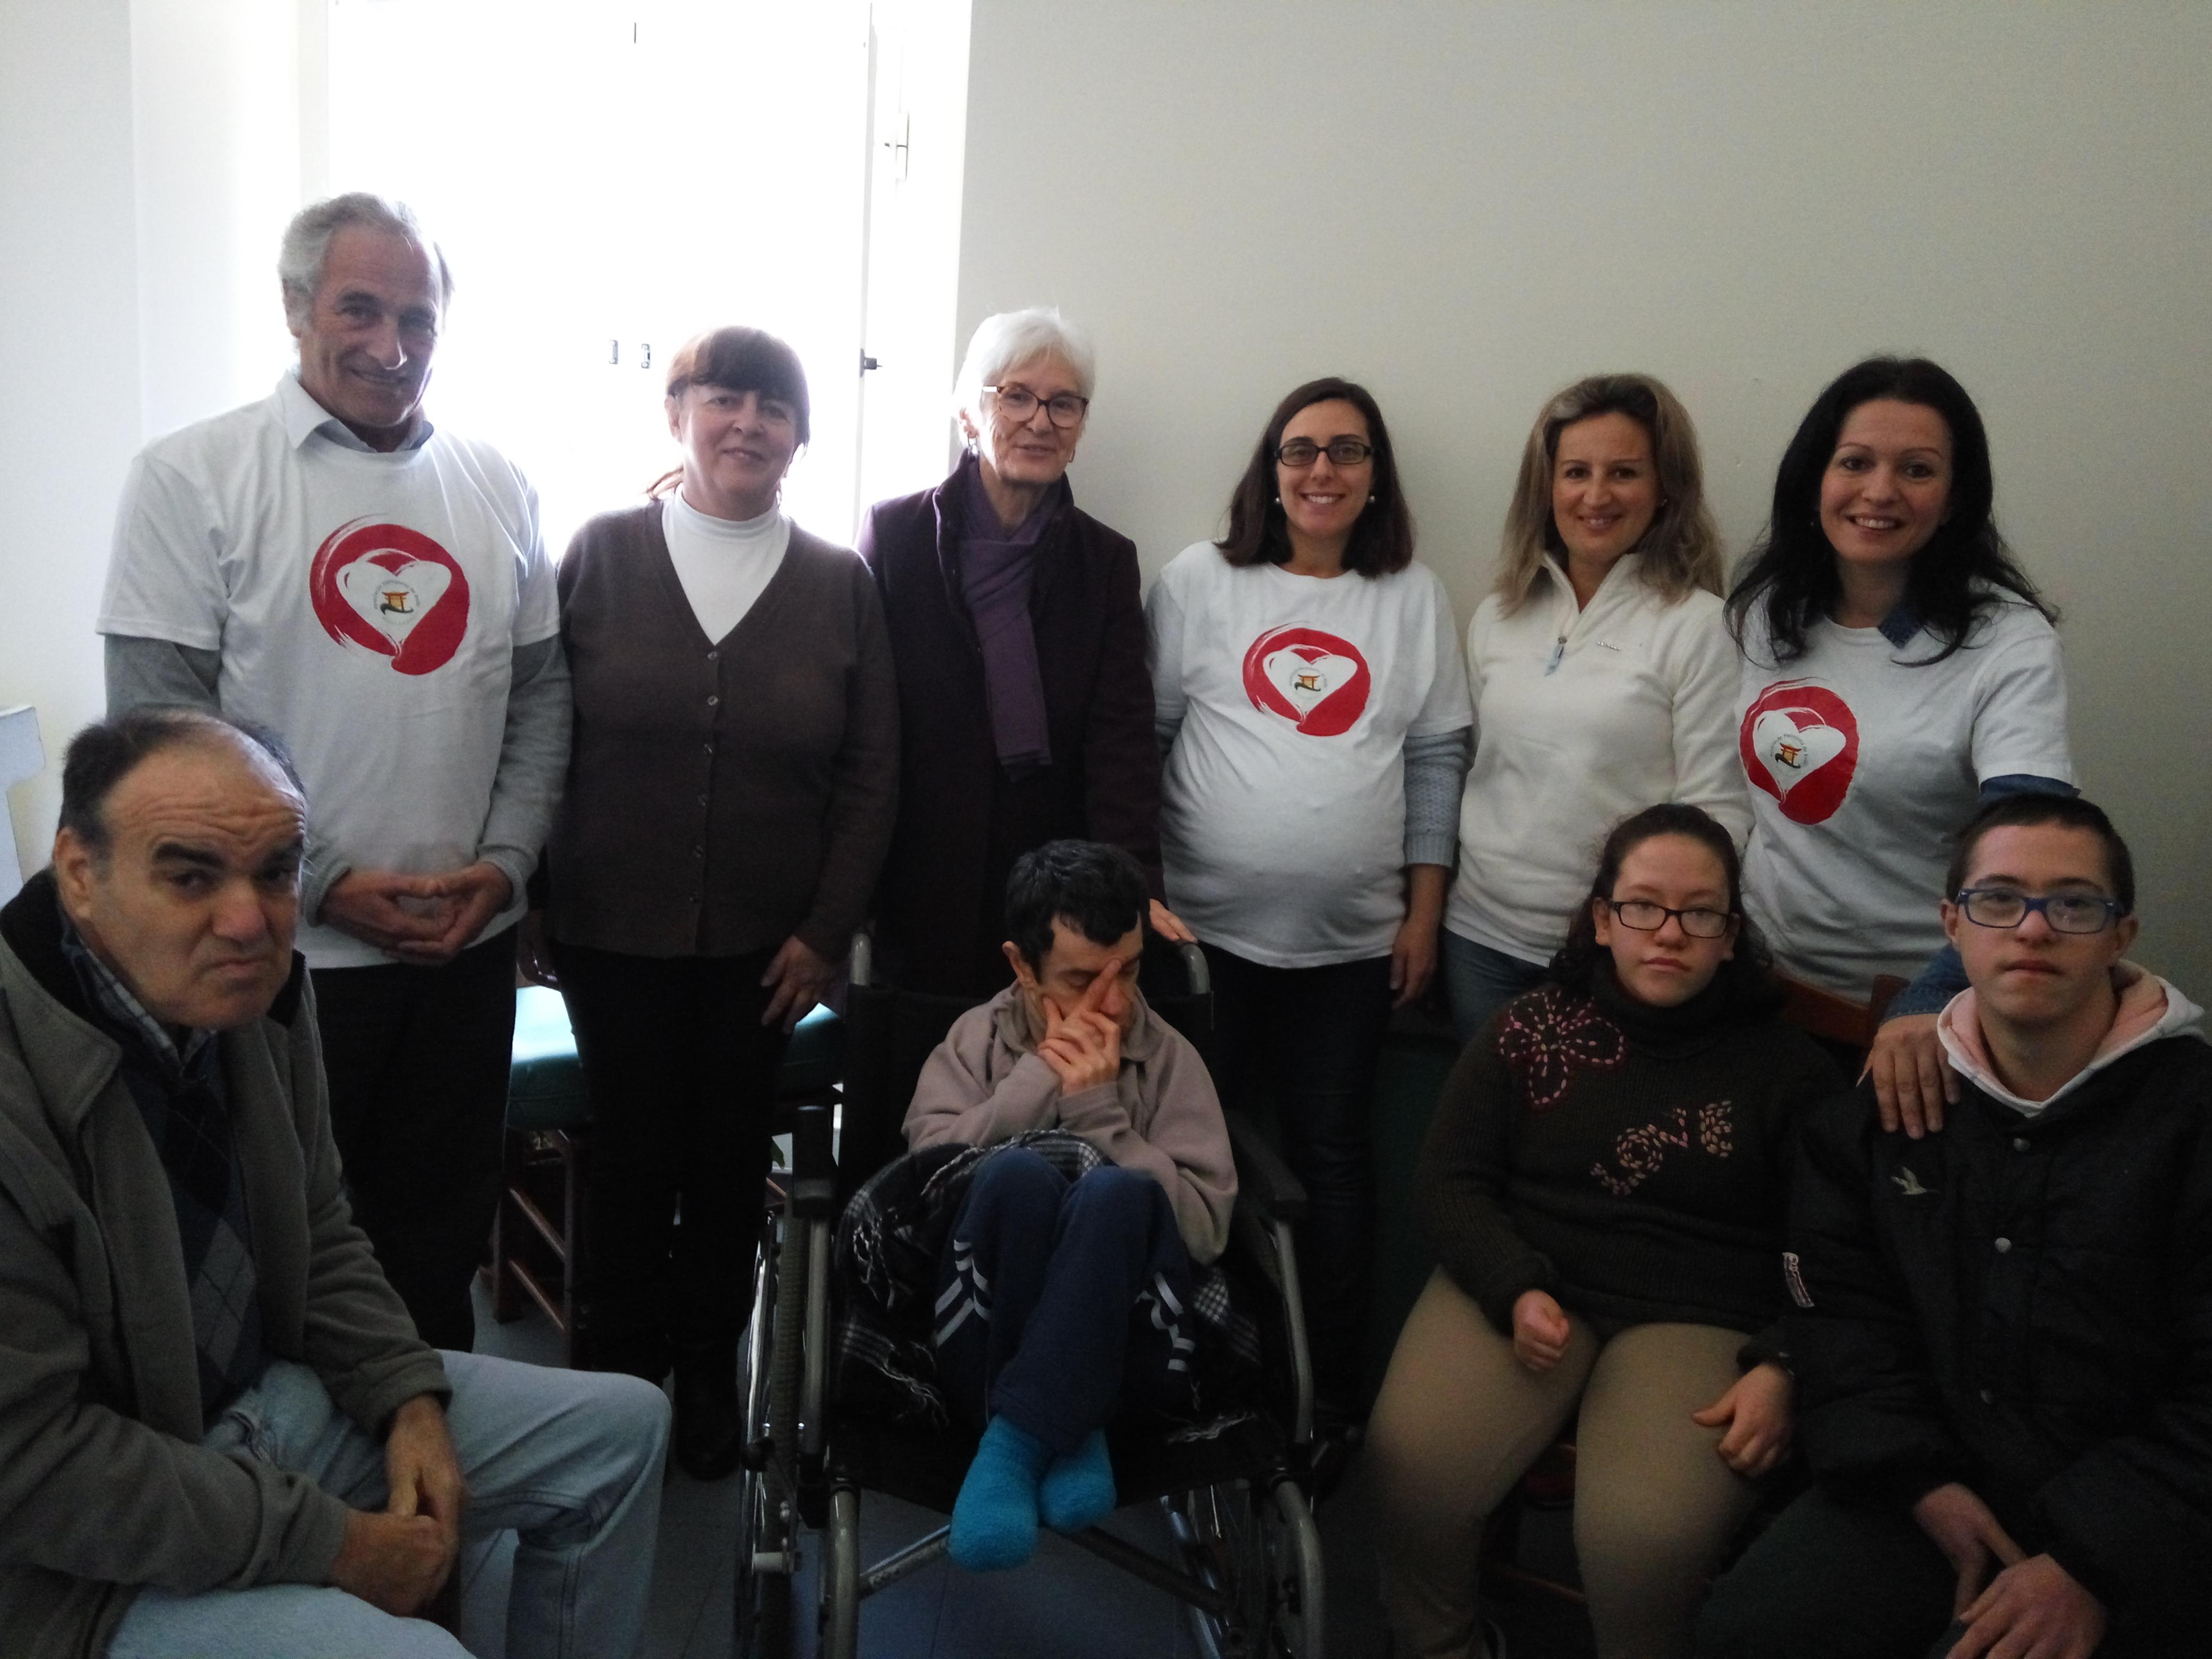 Projecto de Voluntariado Santa Casa da Misericórdia de Reguengos de Monsaraz